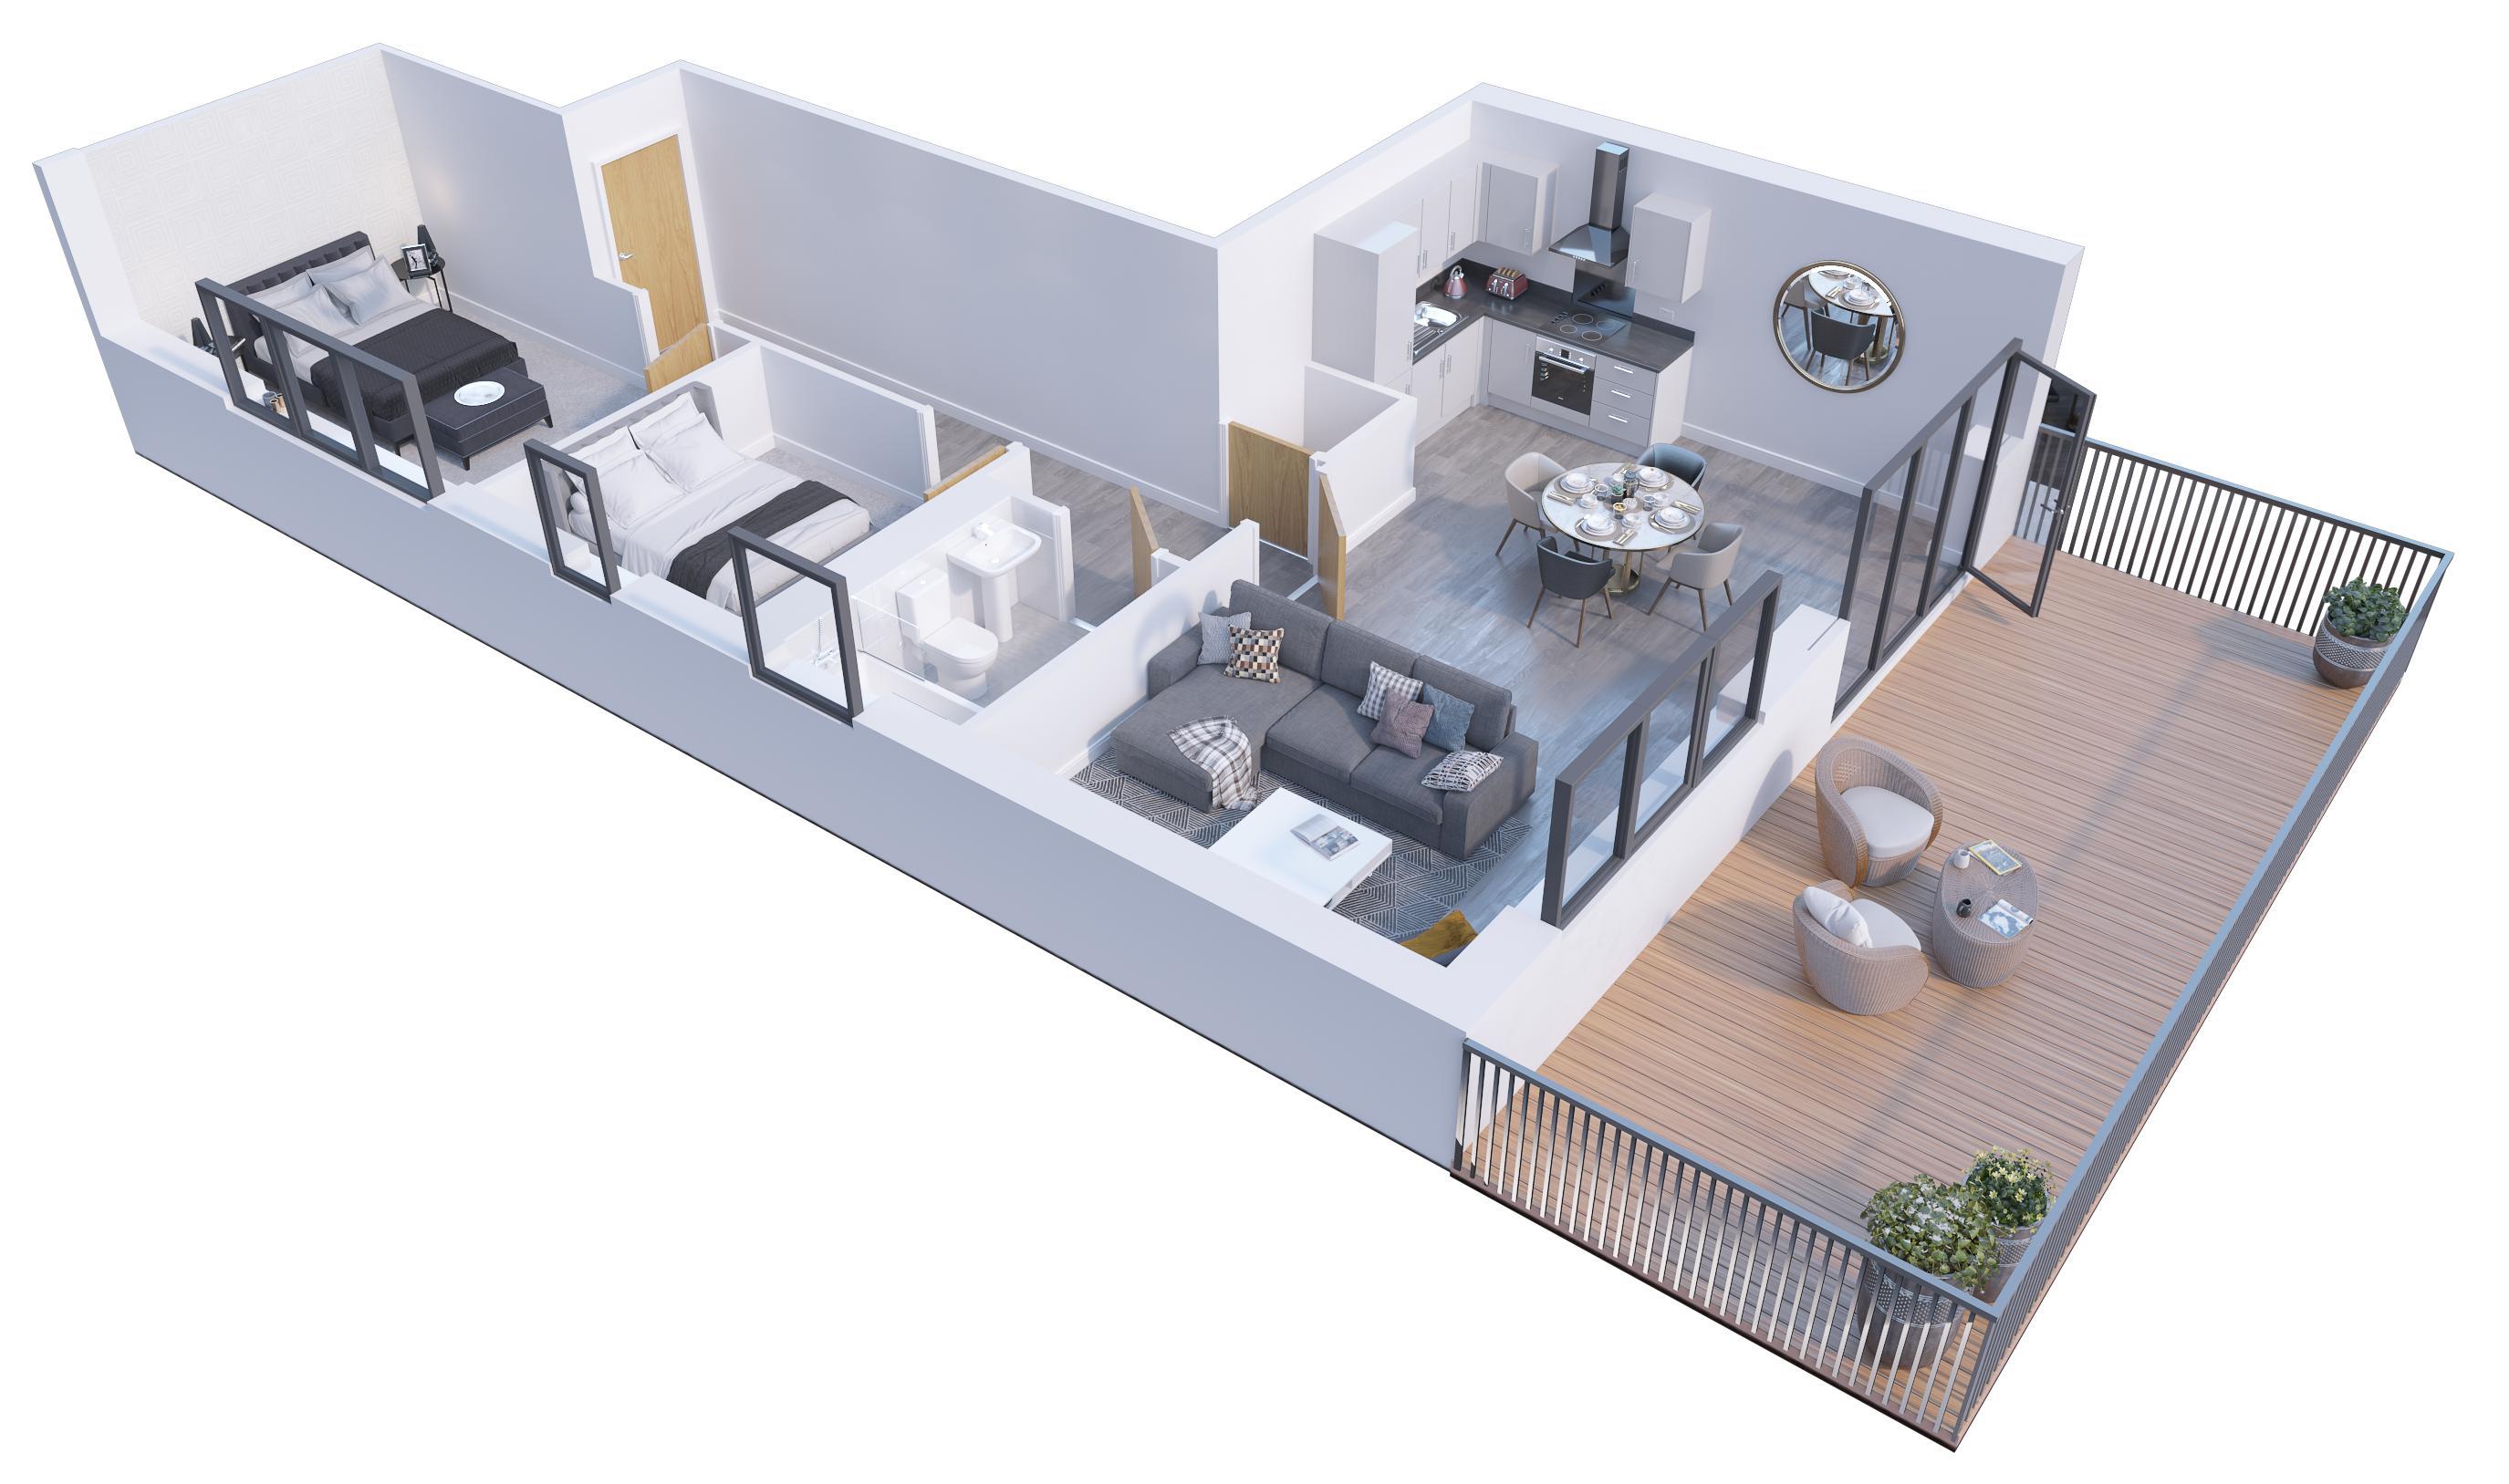 2 bedroom Apartment / Studio to buy in Stockwood Gardens, Newlands Road, Luton